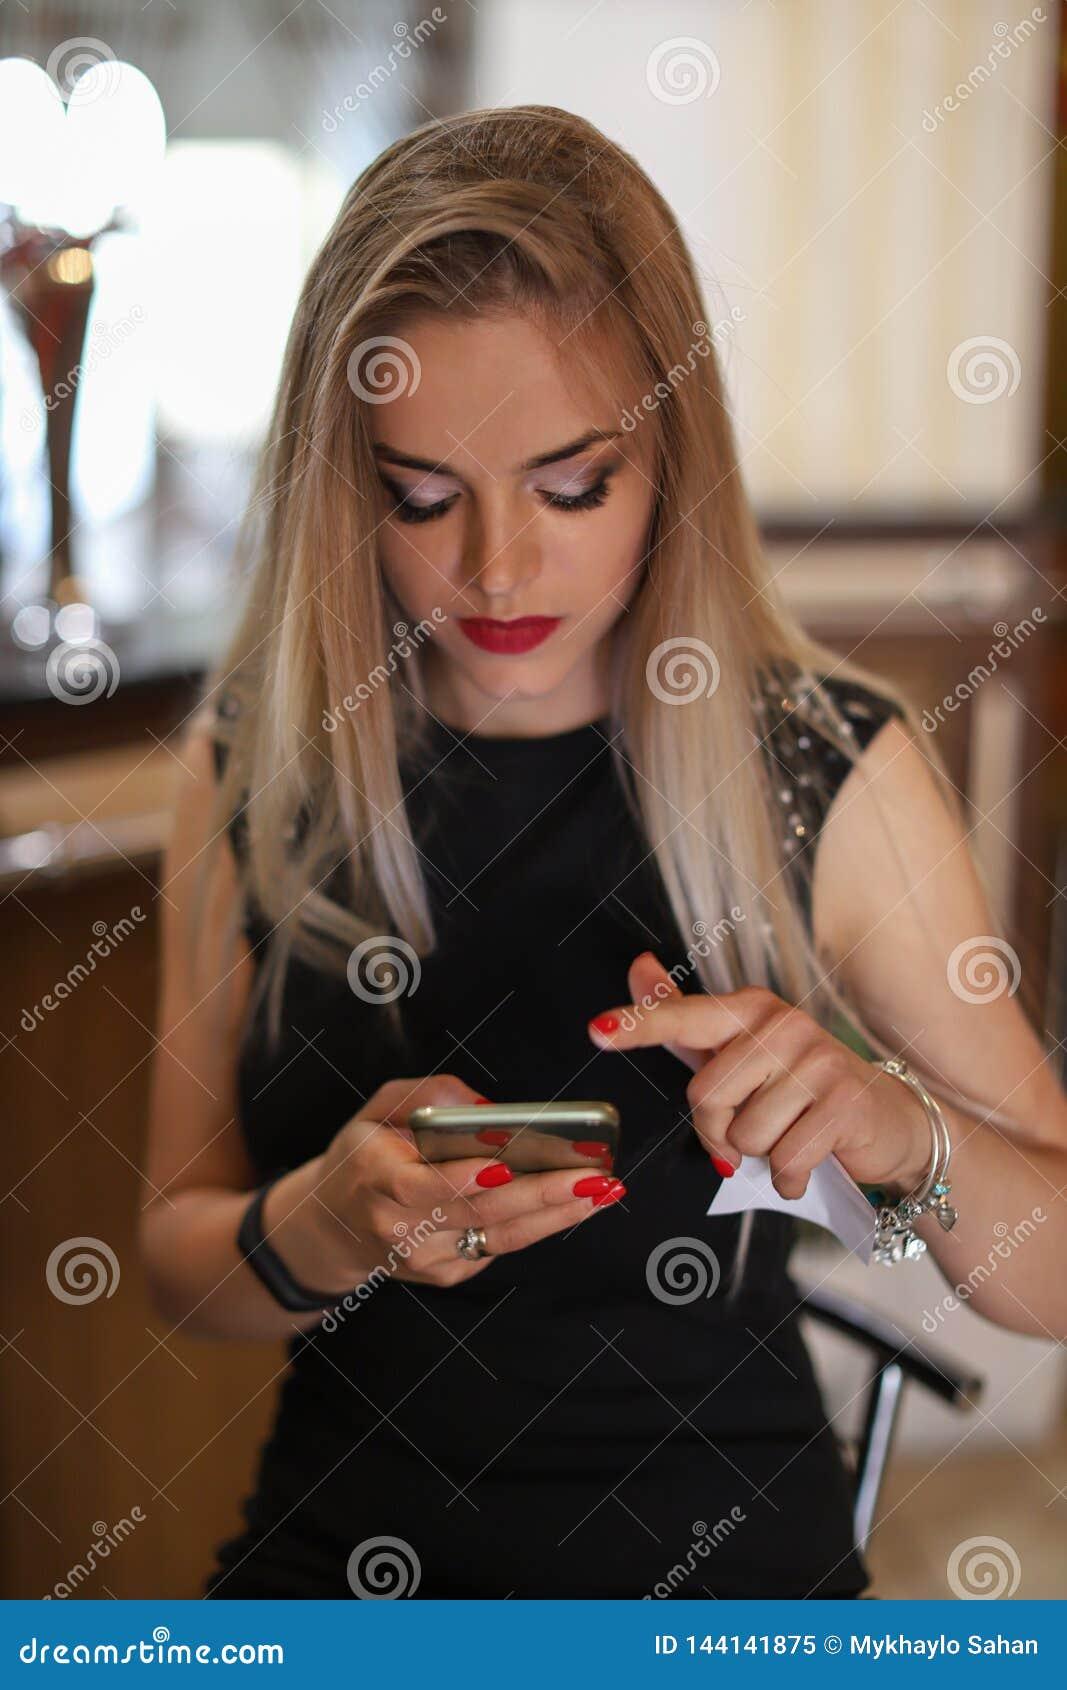 Νέα όμορφη ξανθή γυναίκα που γράφει ή που διαβάζει sms τα μηνύματα on-line σε ένα έξυπνο τηλέφωνο σε ένα εστιατόριο Νέα μοντέρνη